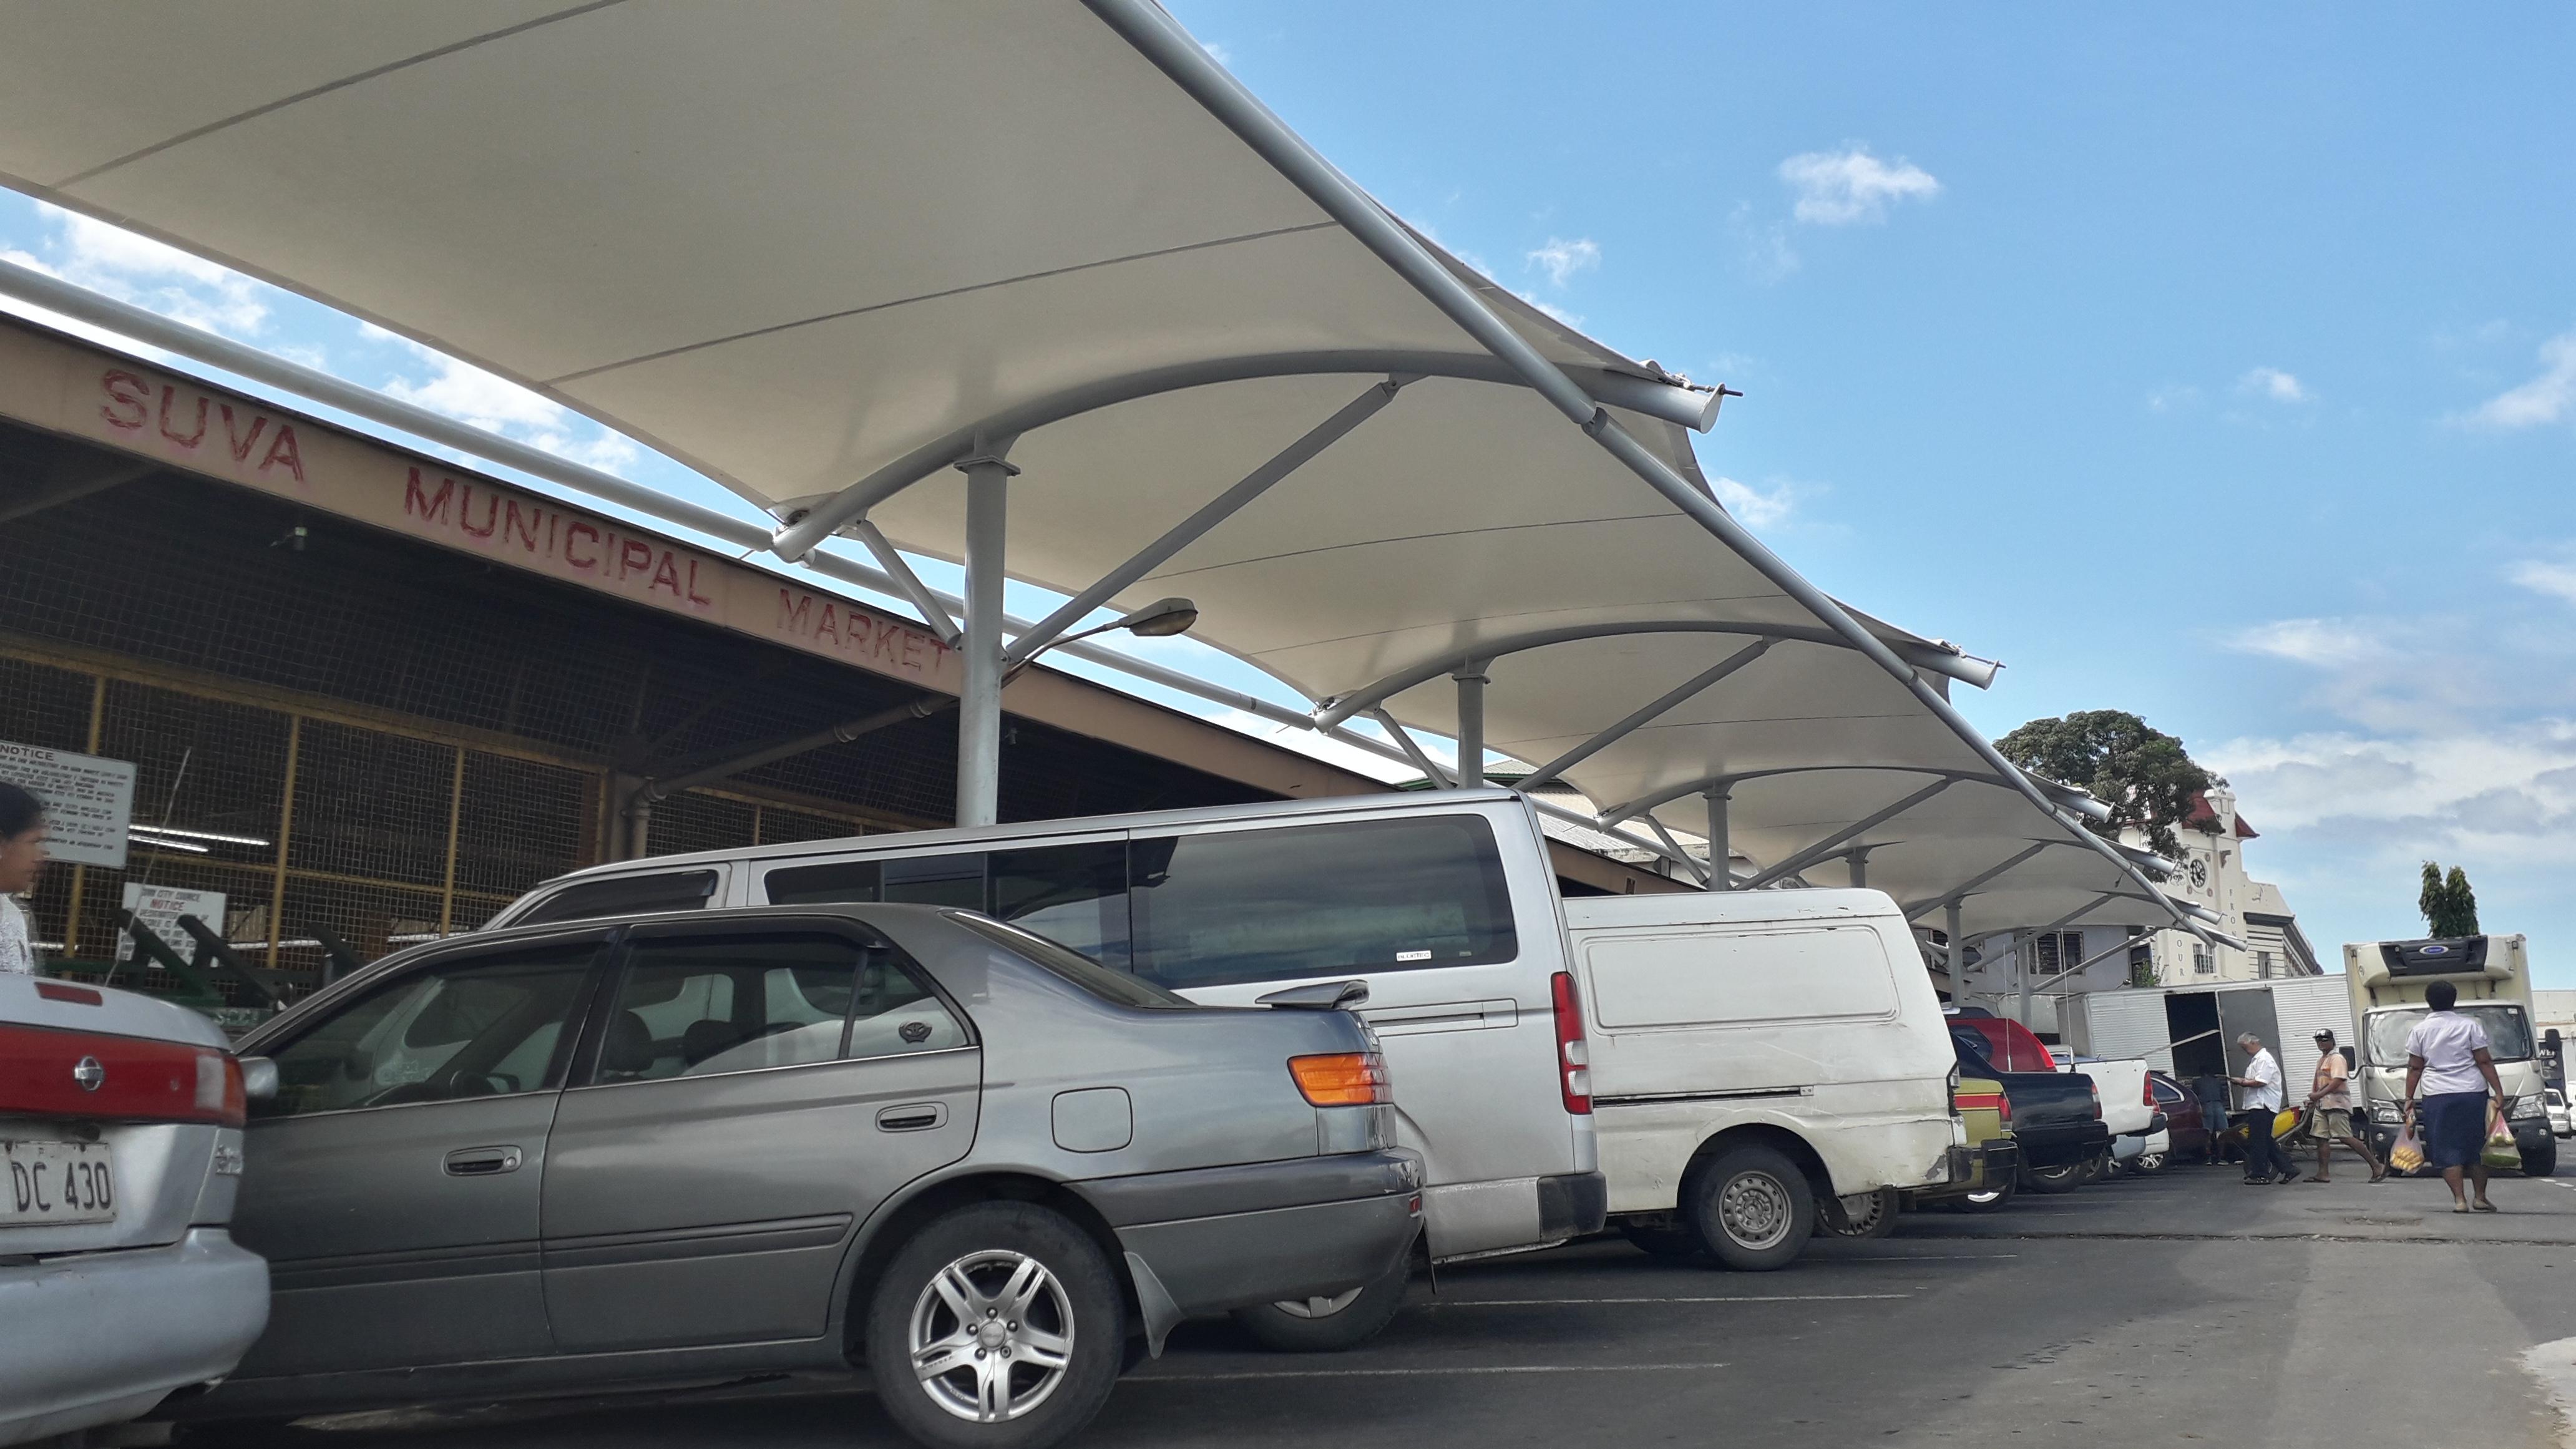 SCC Suva Market Carpark 8